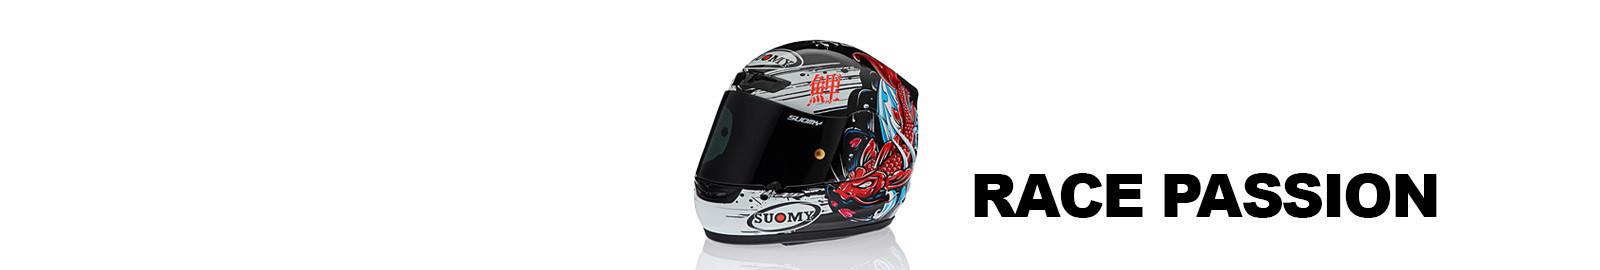 Suomy Apex Helmets